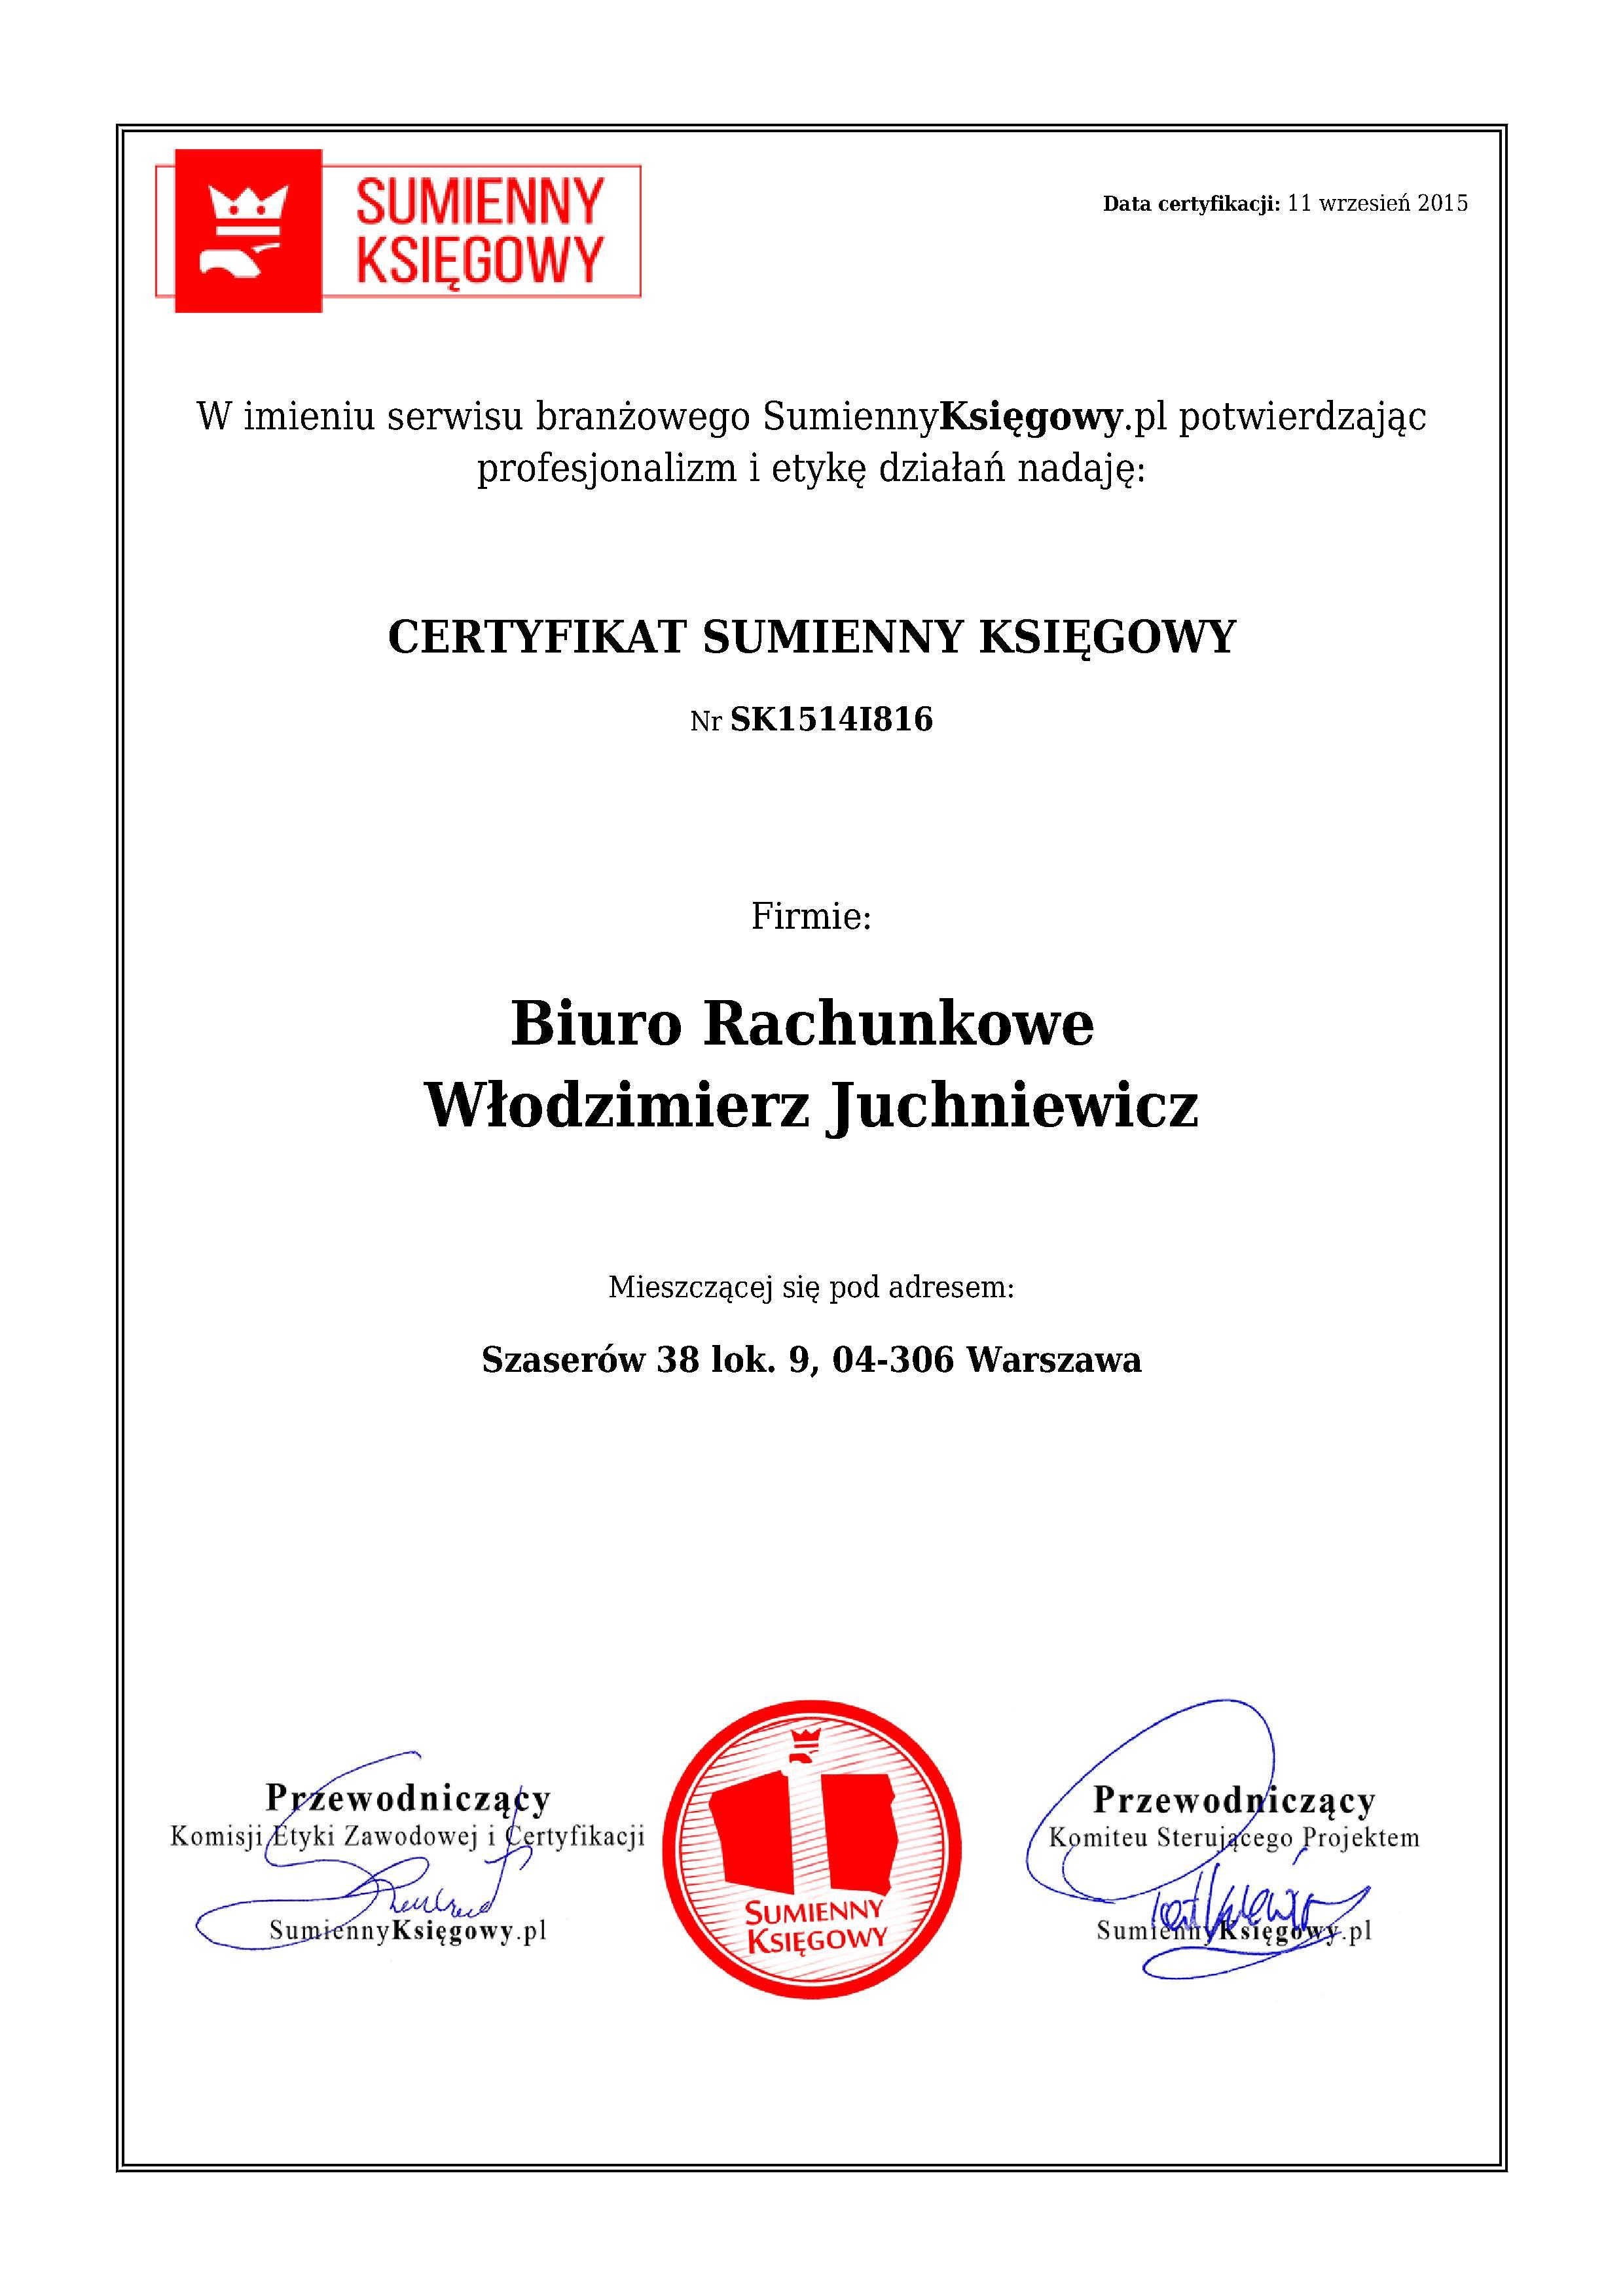 Certyfikat Biuro RachunkoweWłodzimierz Juchniewicz